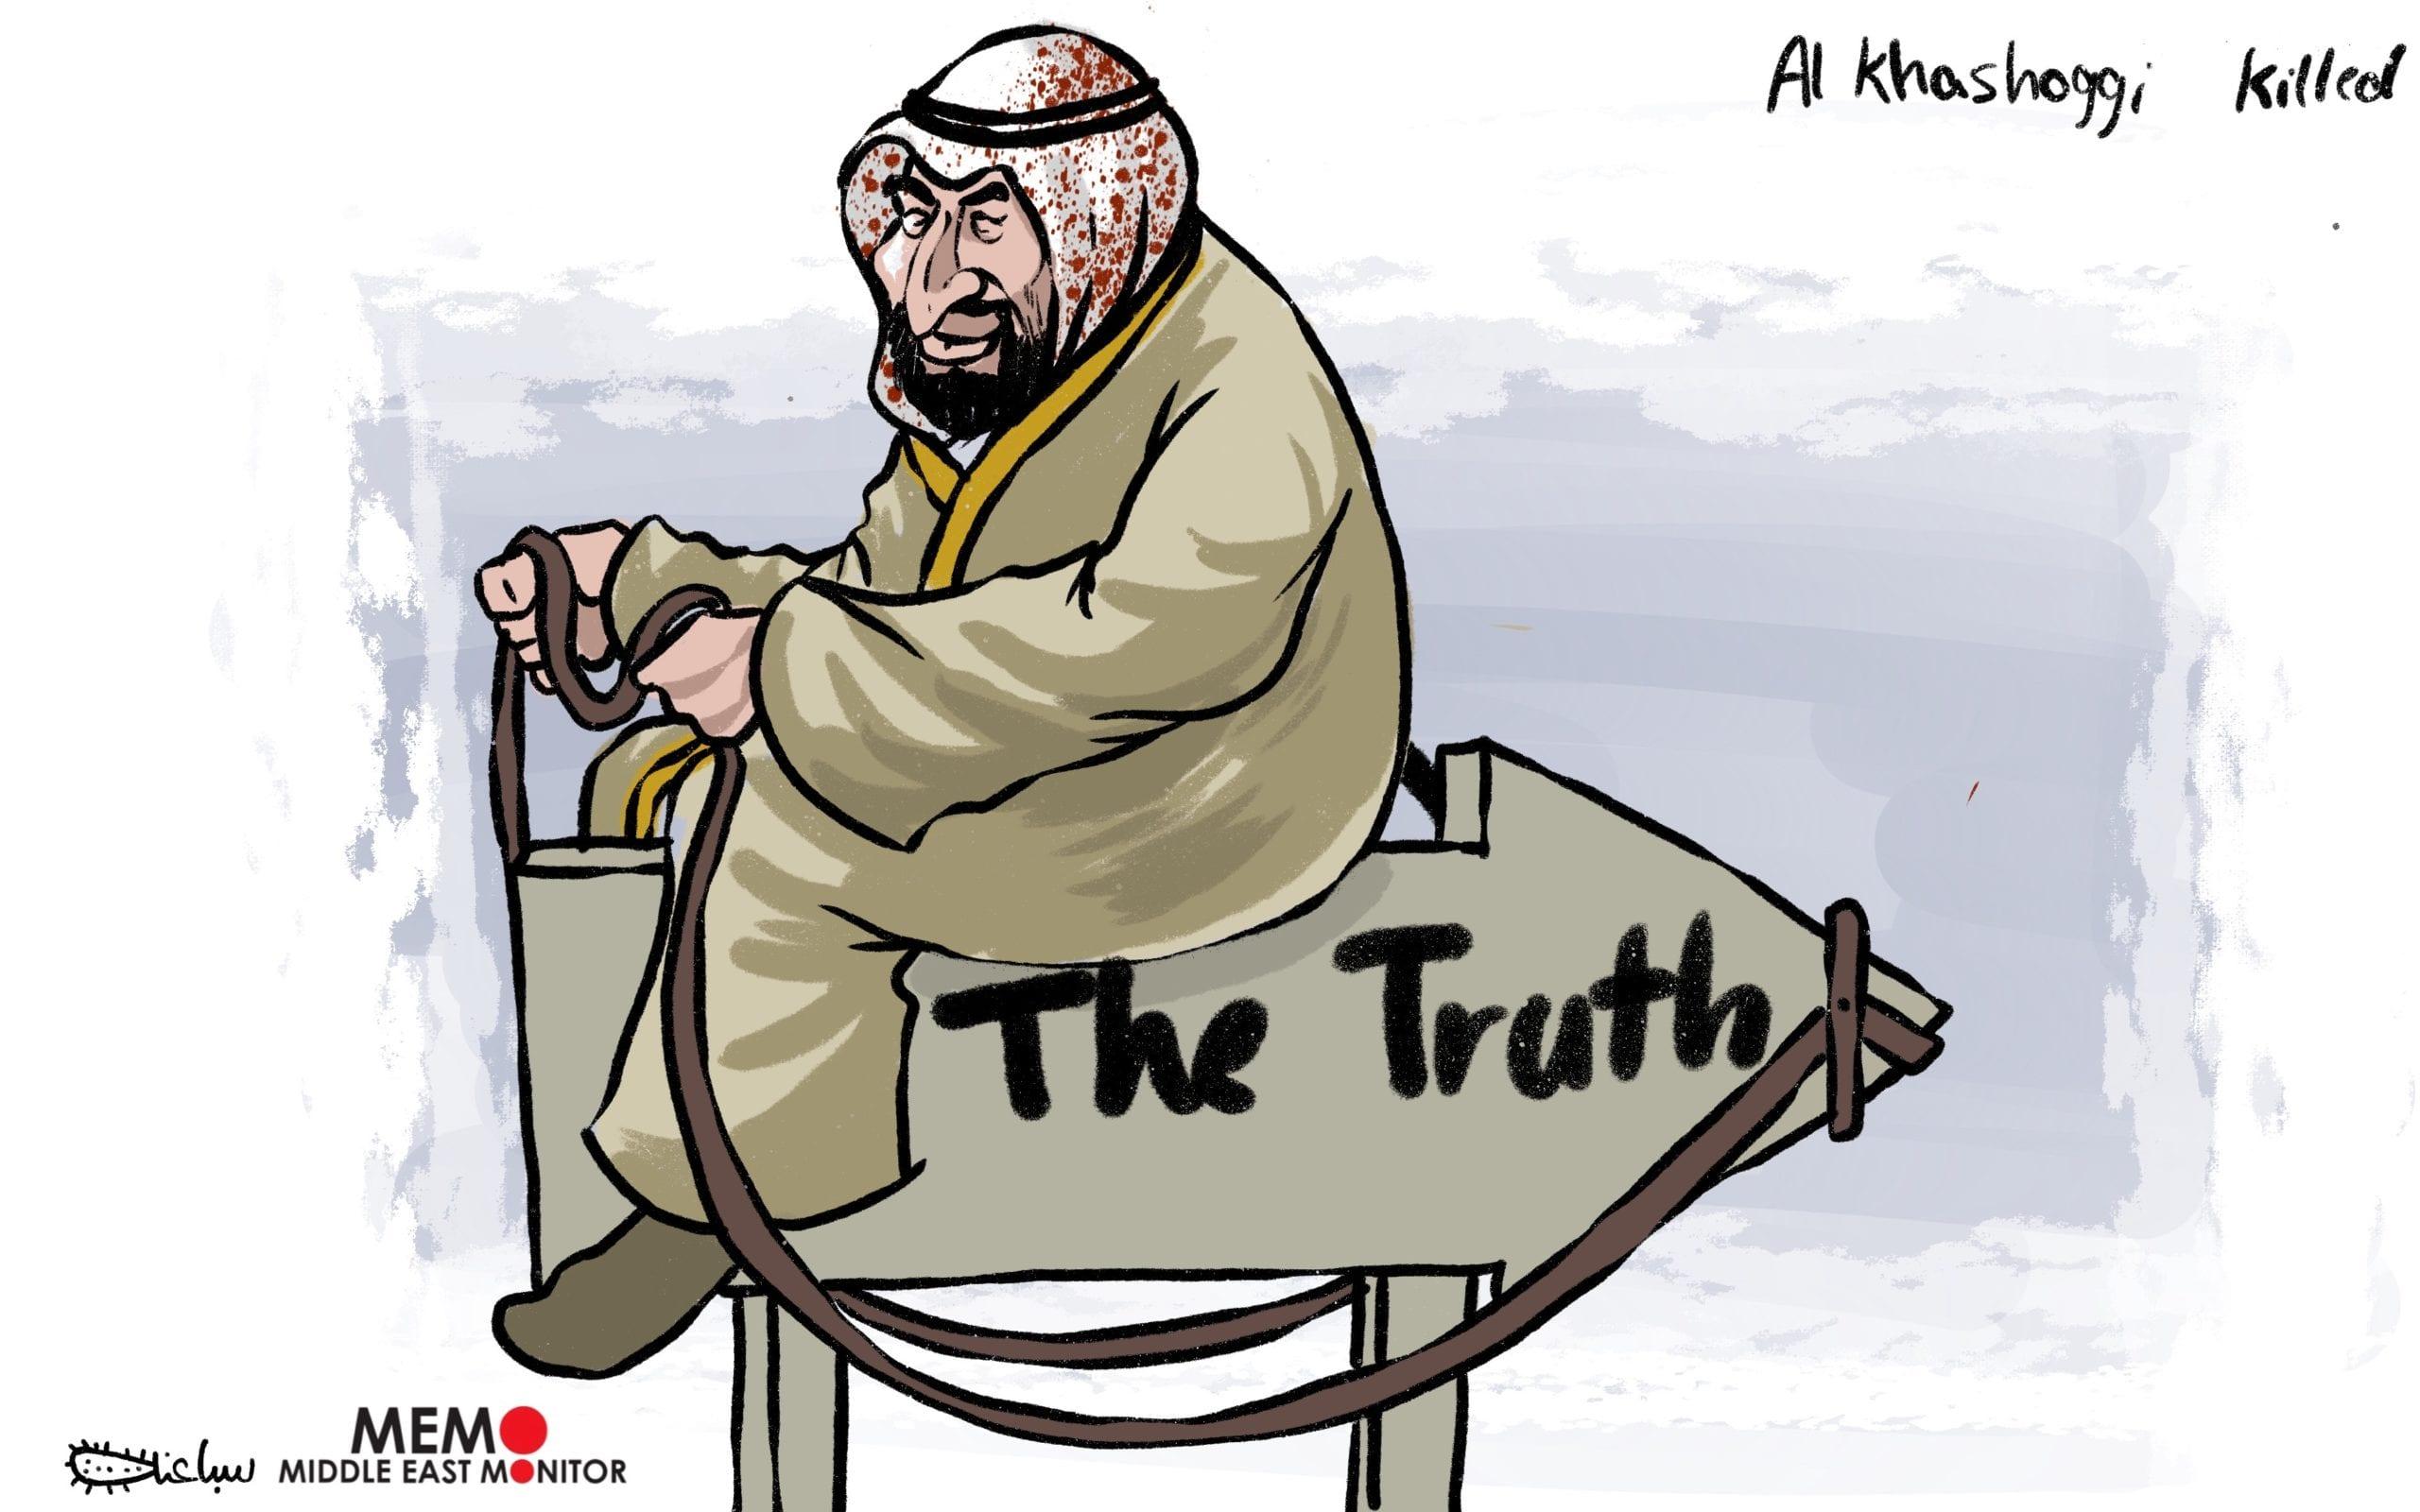 MBS and truth about Khashoggi - Cartoon [Sabaaneh/MiddleEastMonitor]